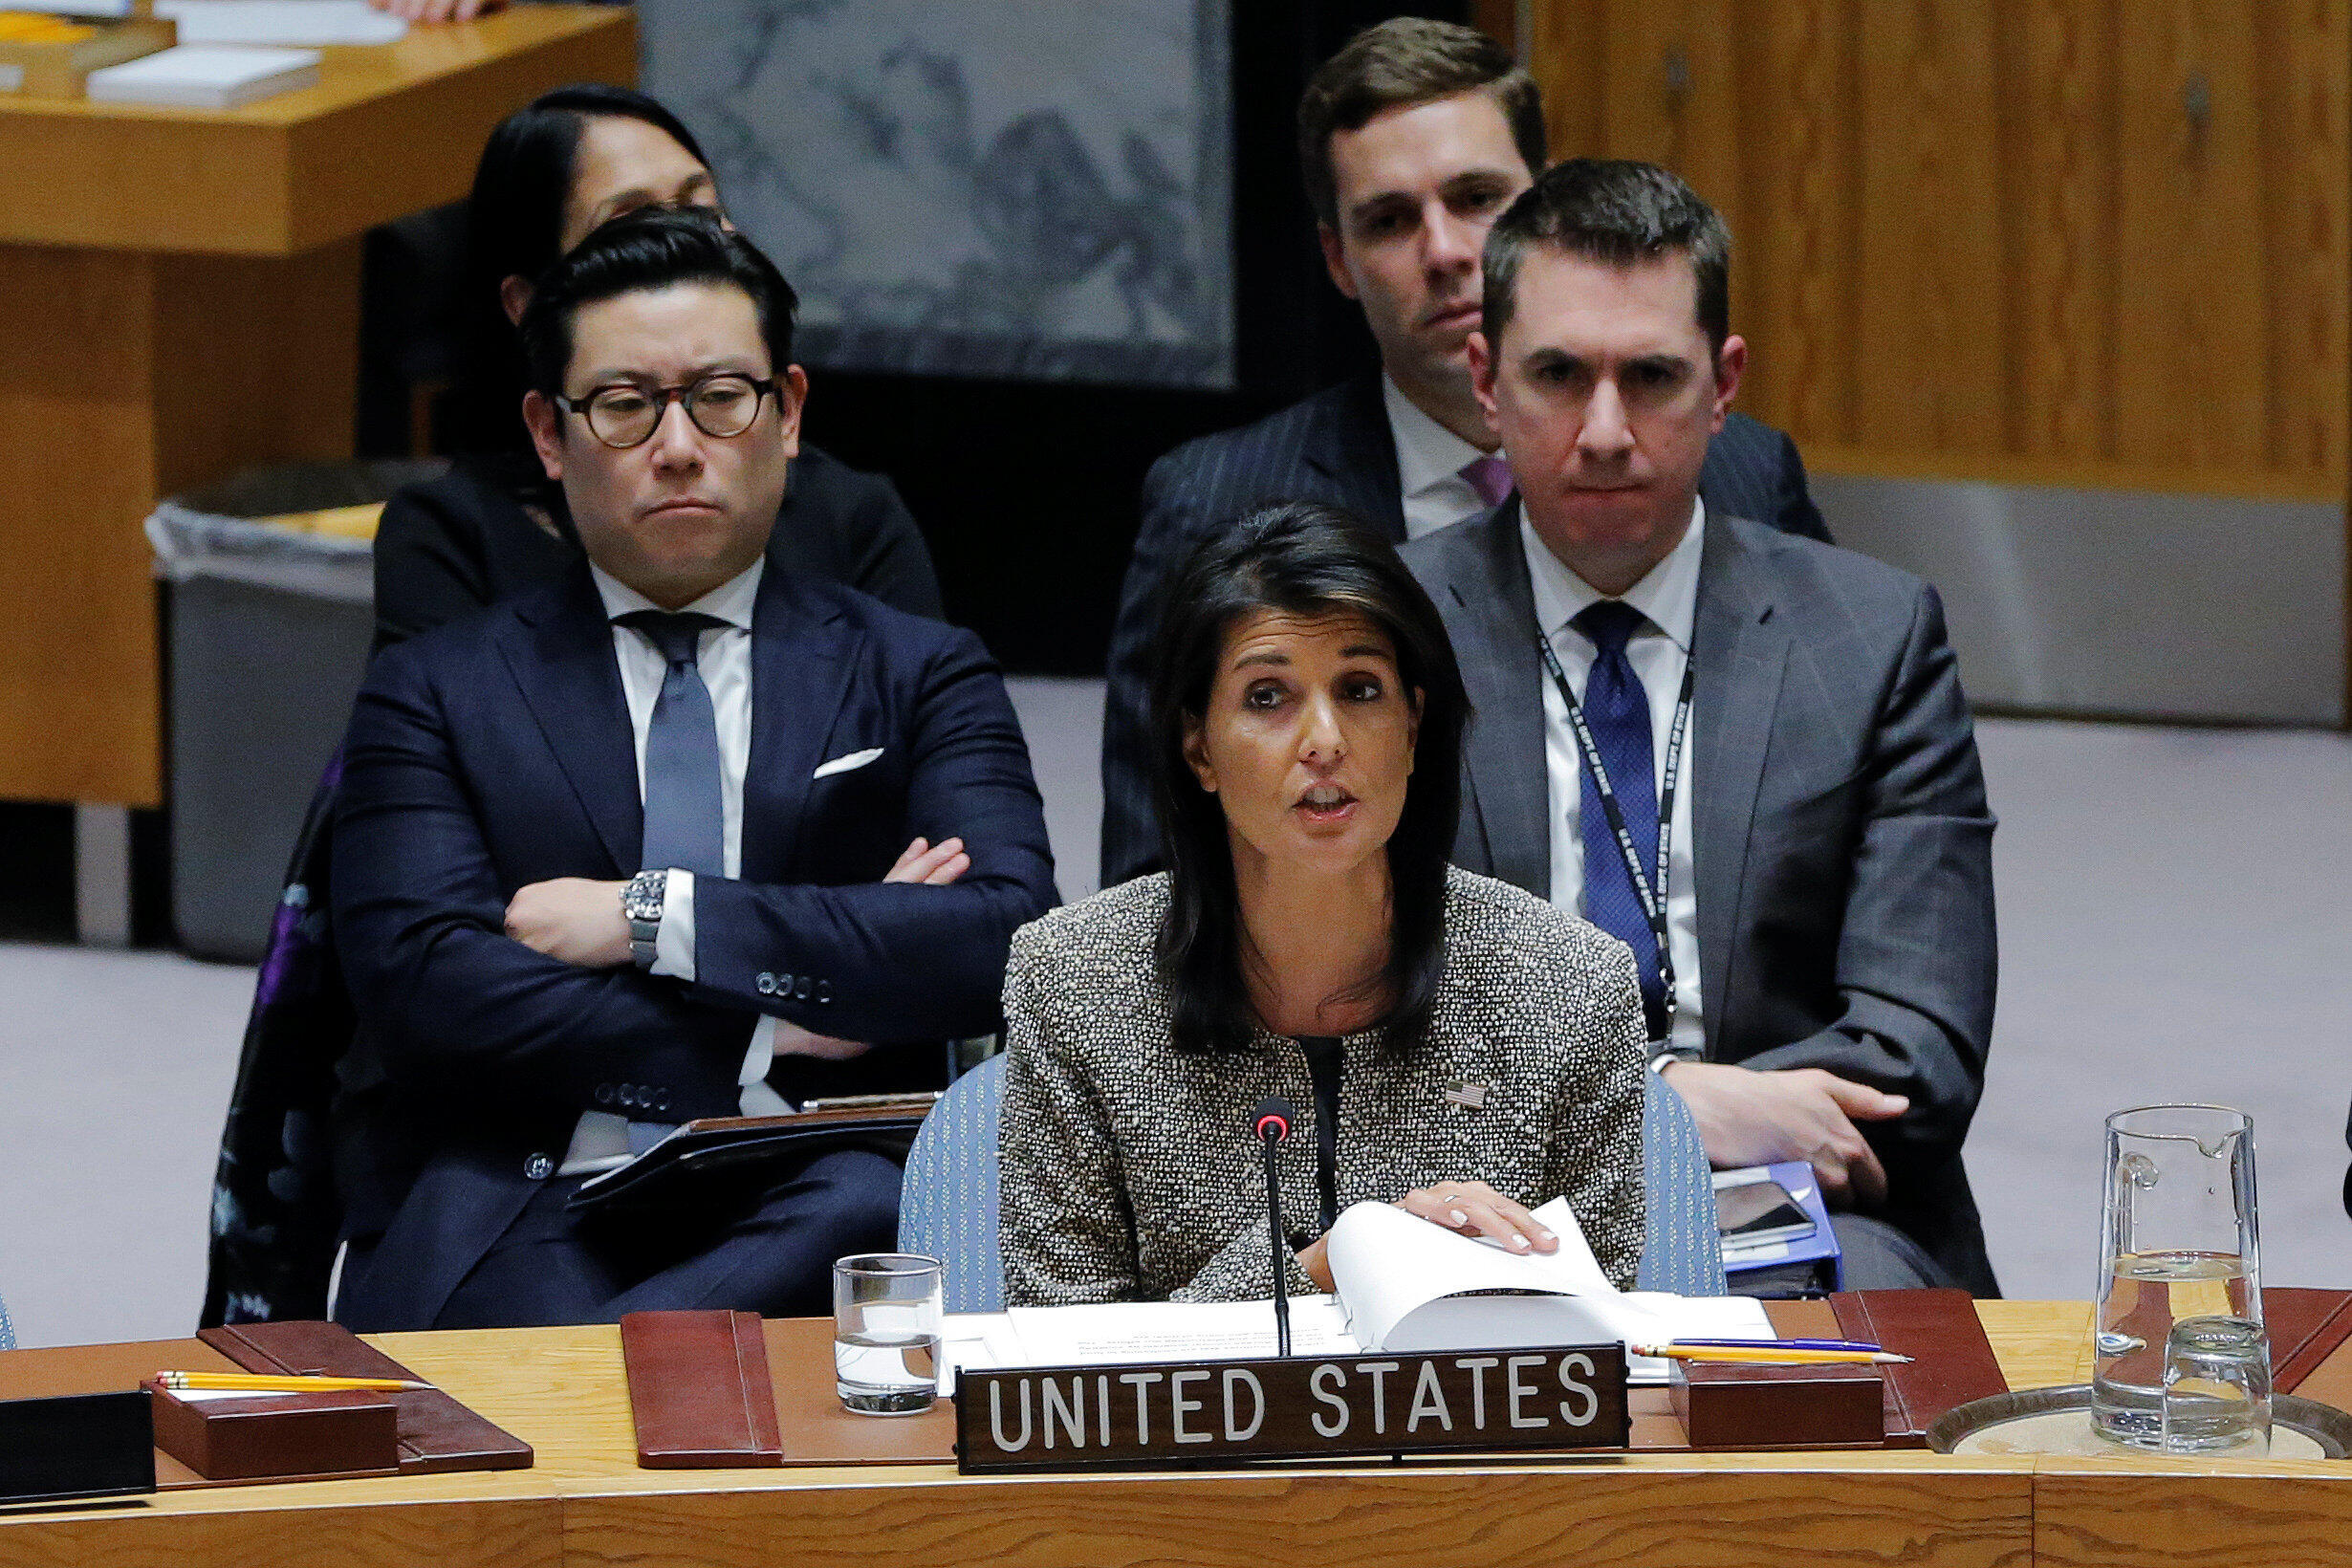 La embajadora de EE.UU. ante la ONU, Nikki Haley, durante una reunión del Consejo de Seguridad de la ONU, el 29 de noviembre de 2017.